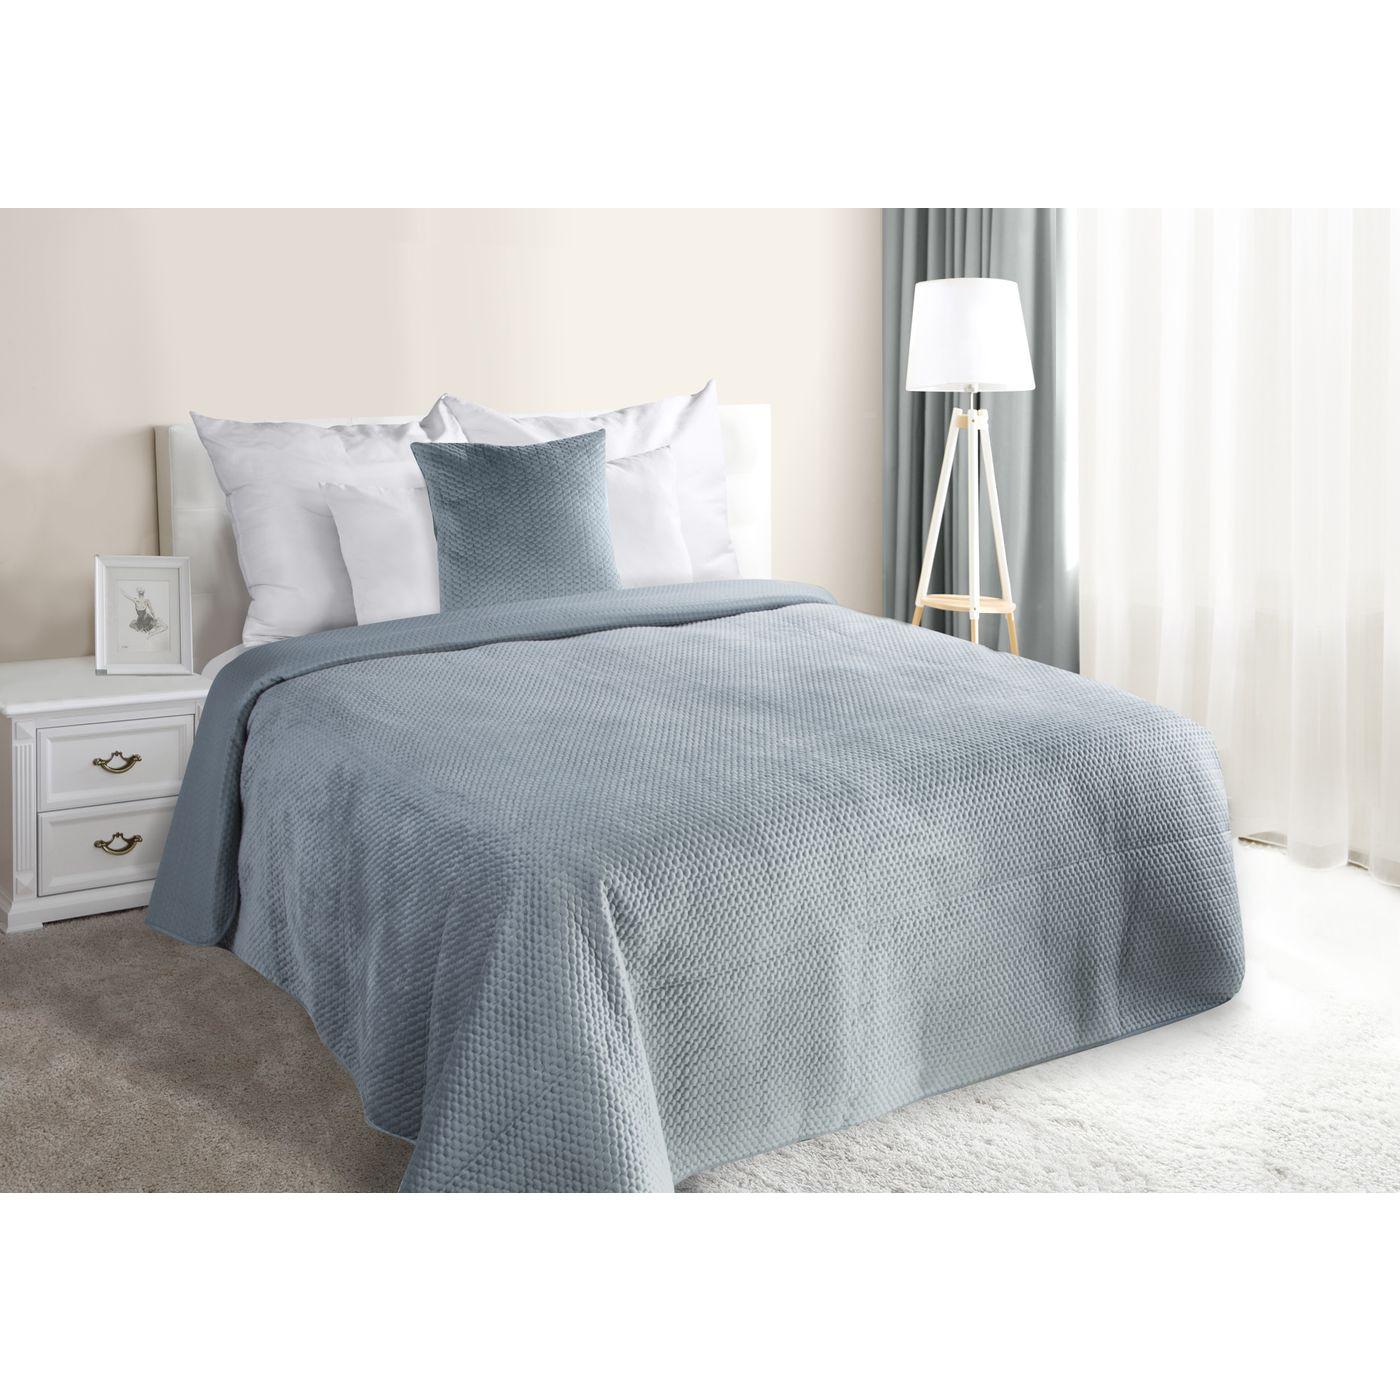 Narzuta na łóżko welwetowa pikowana hotpress 200x220 cm stalowa